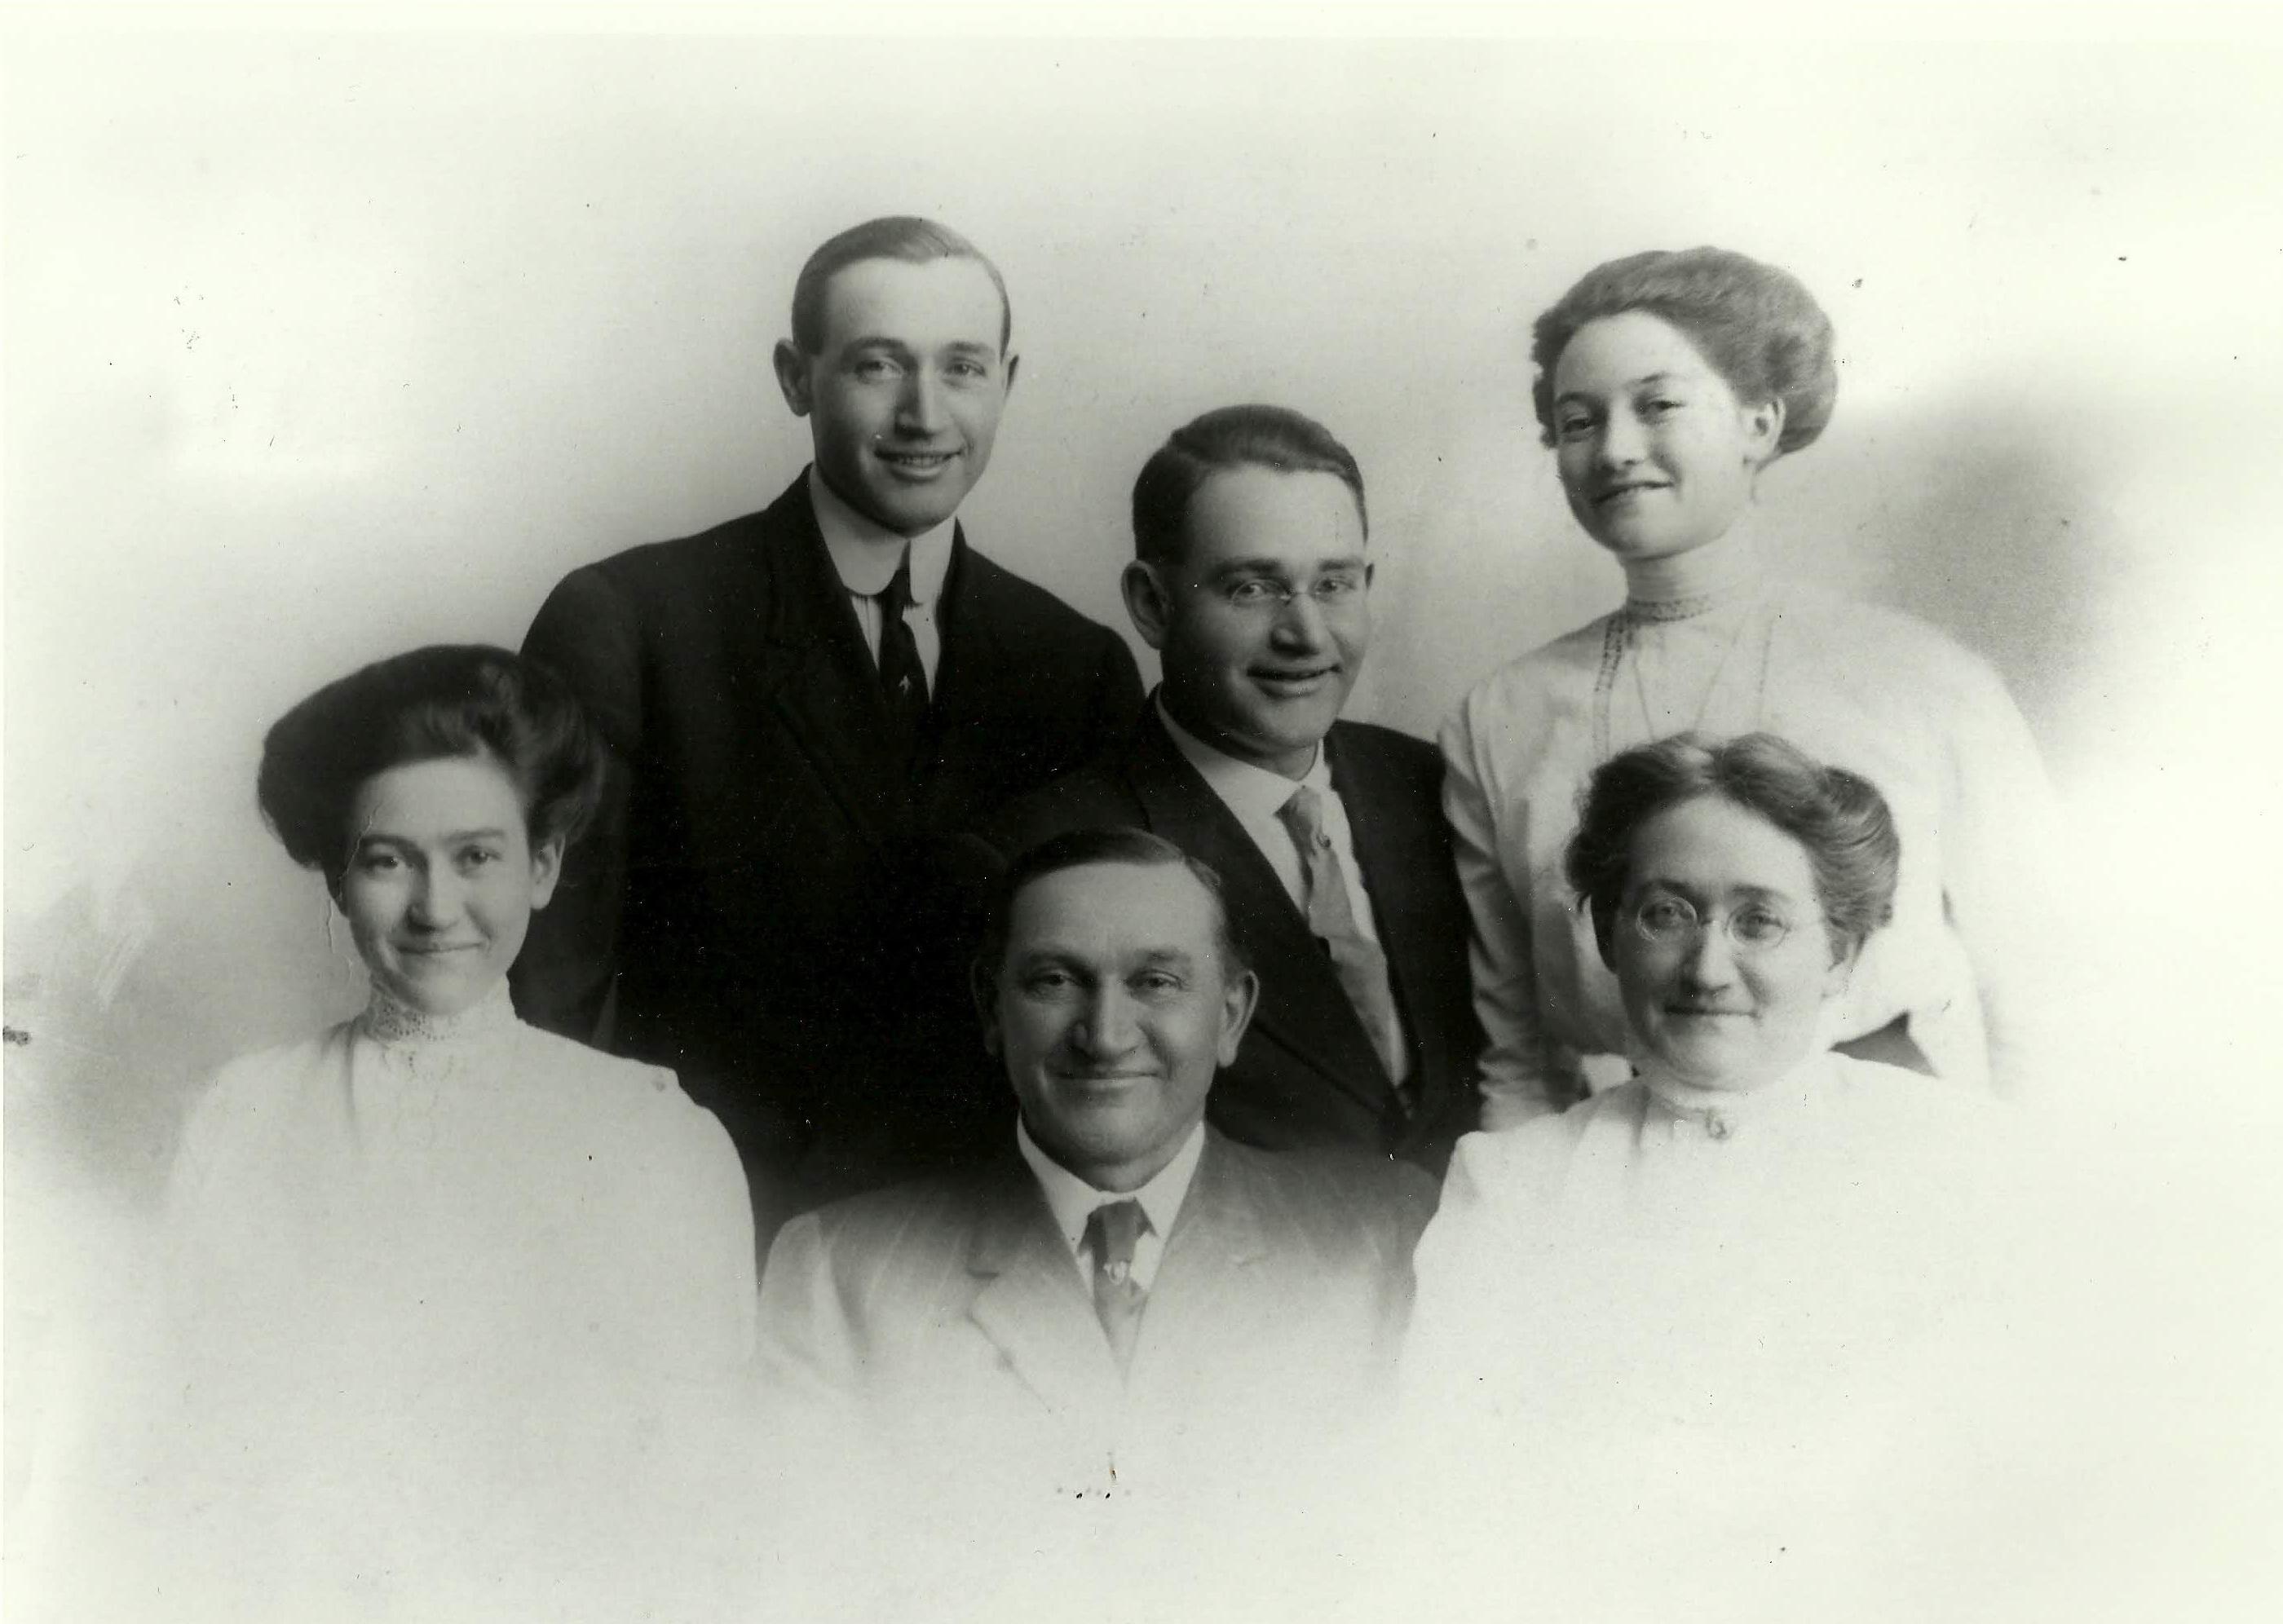 Perin family portrait